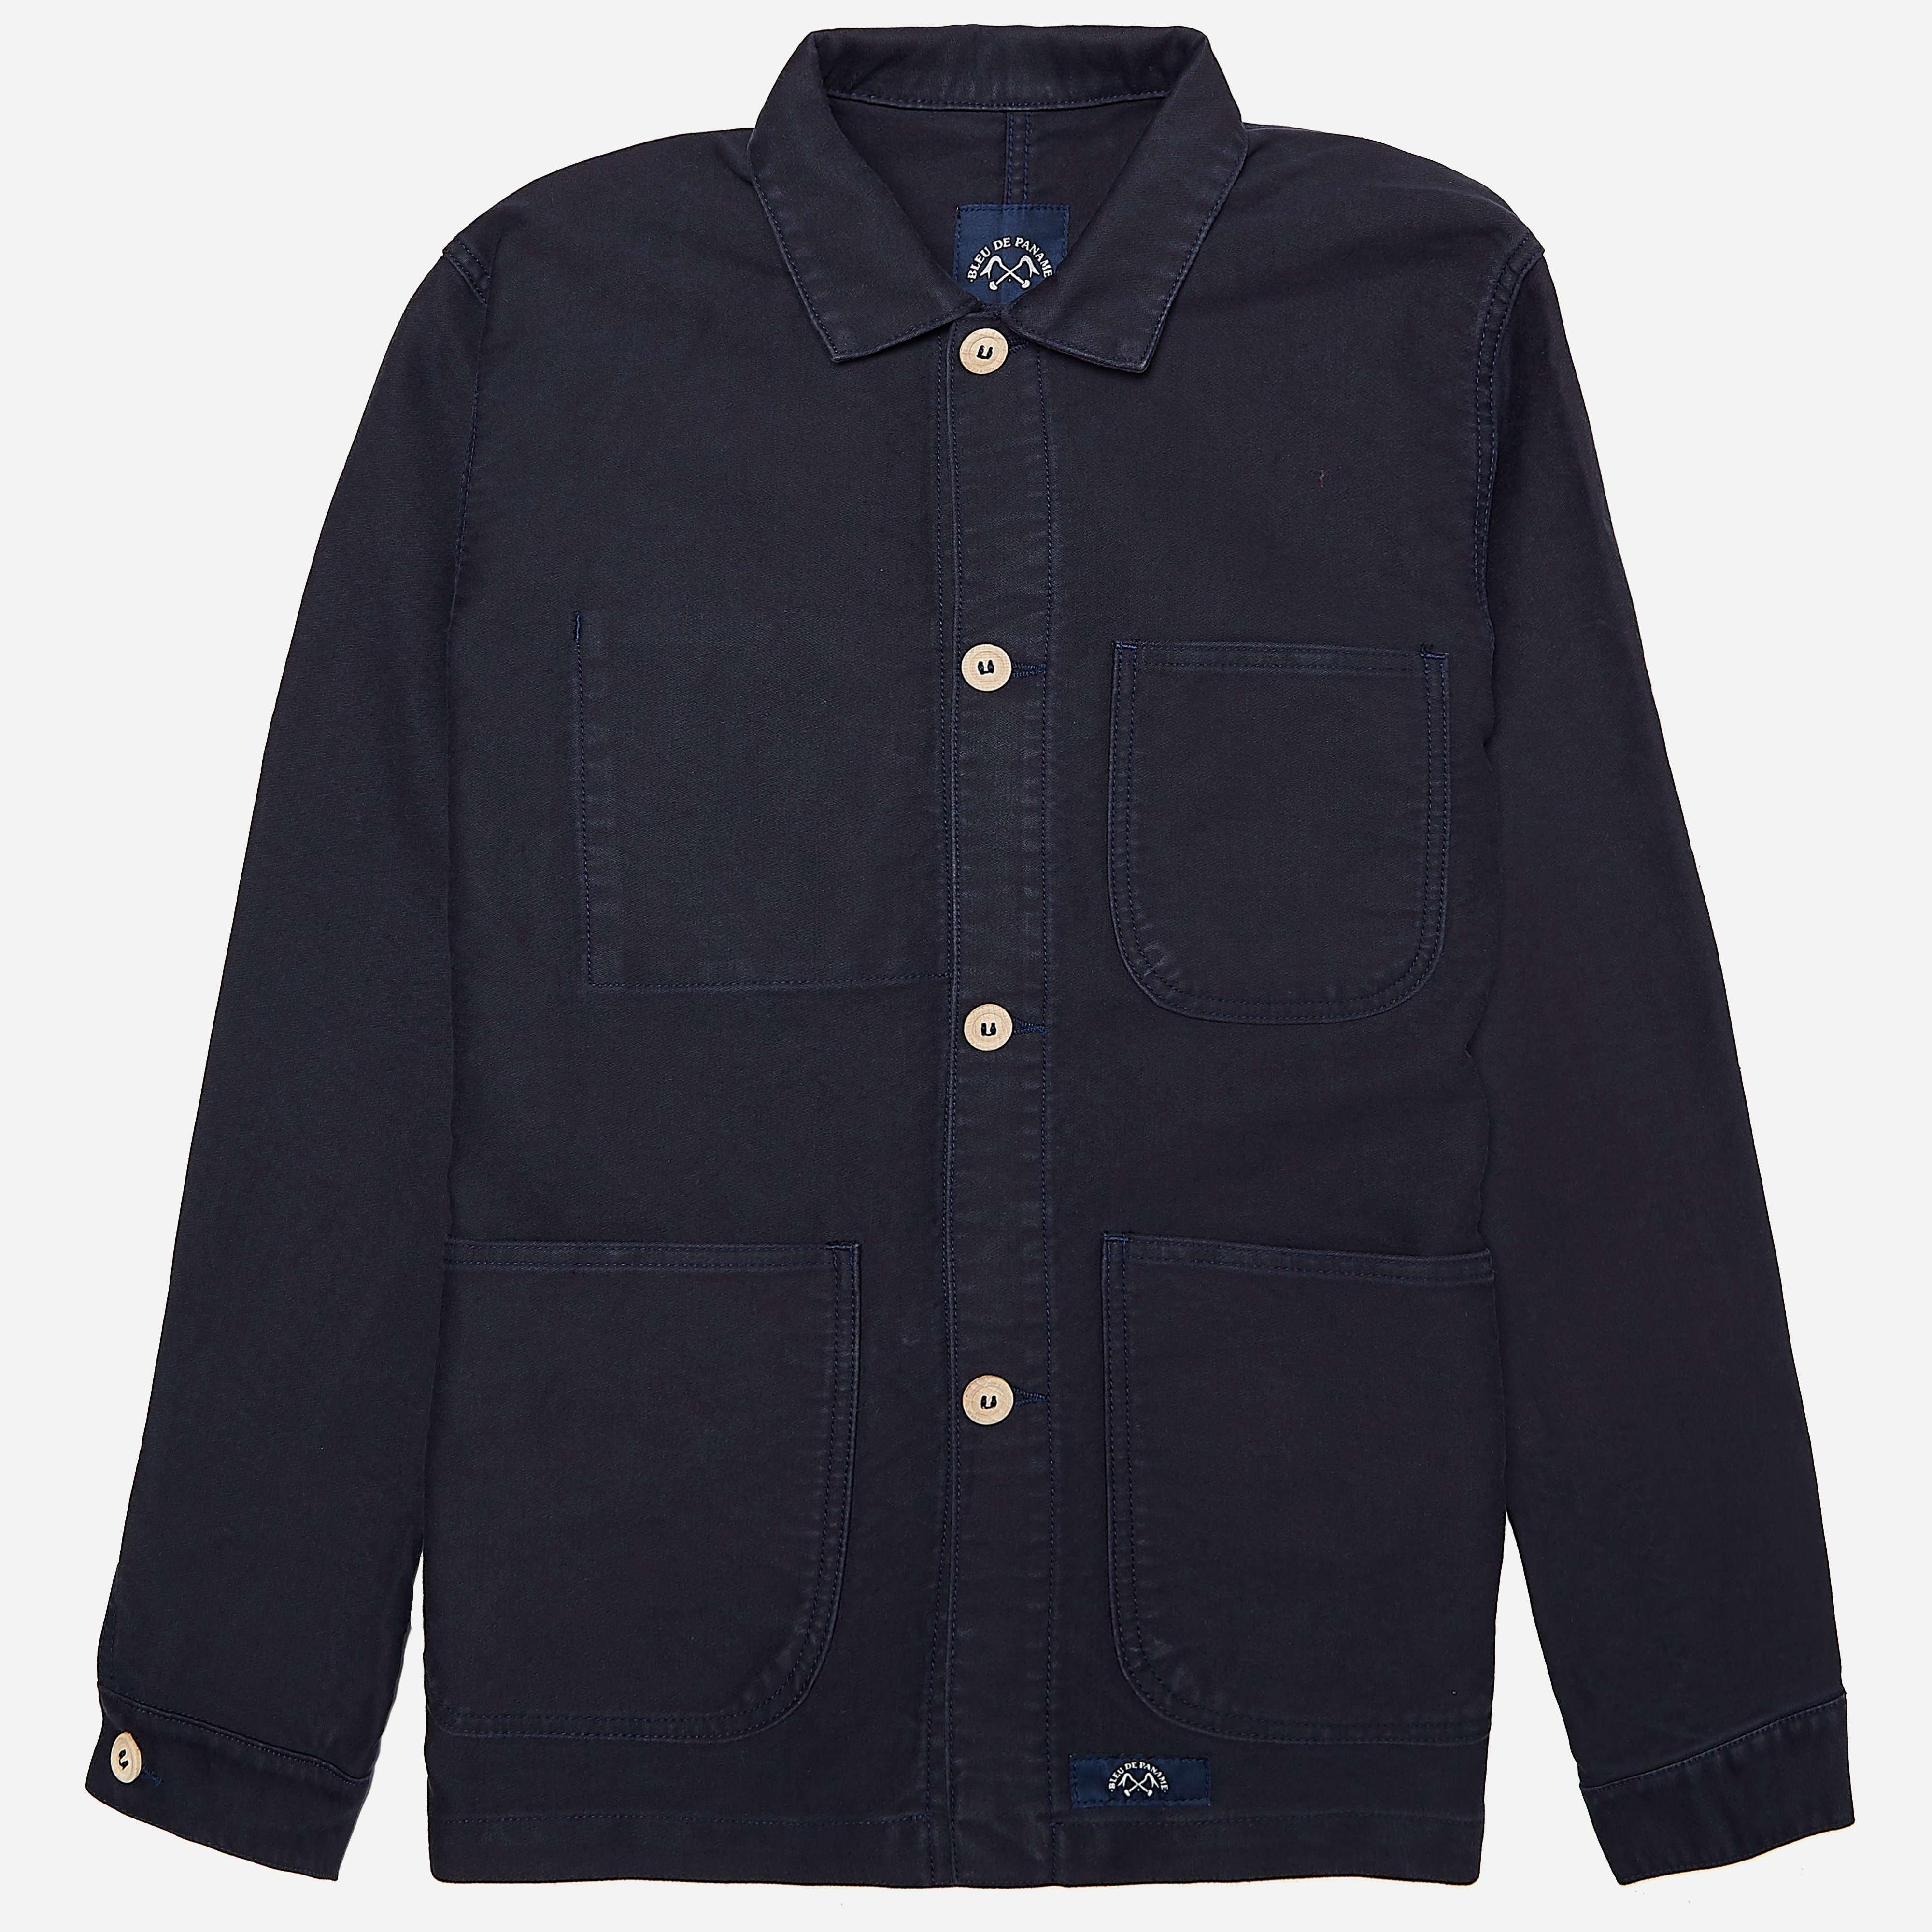 Bleu De Paname Veste De Comp Jacket